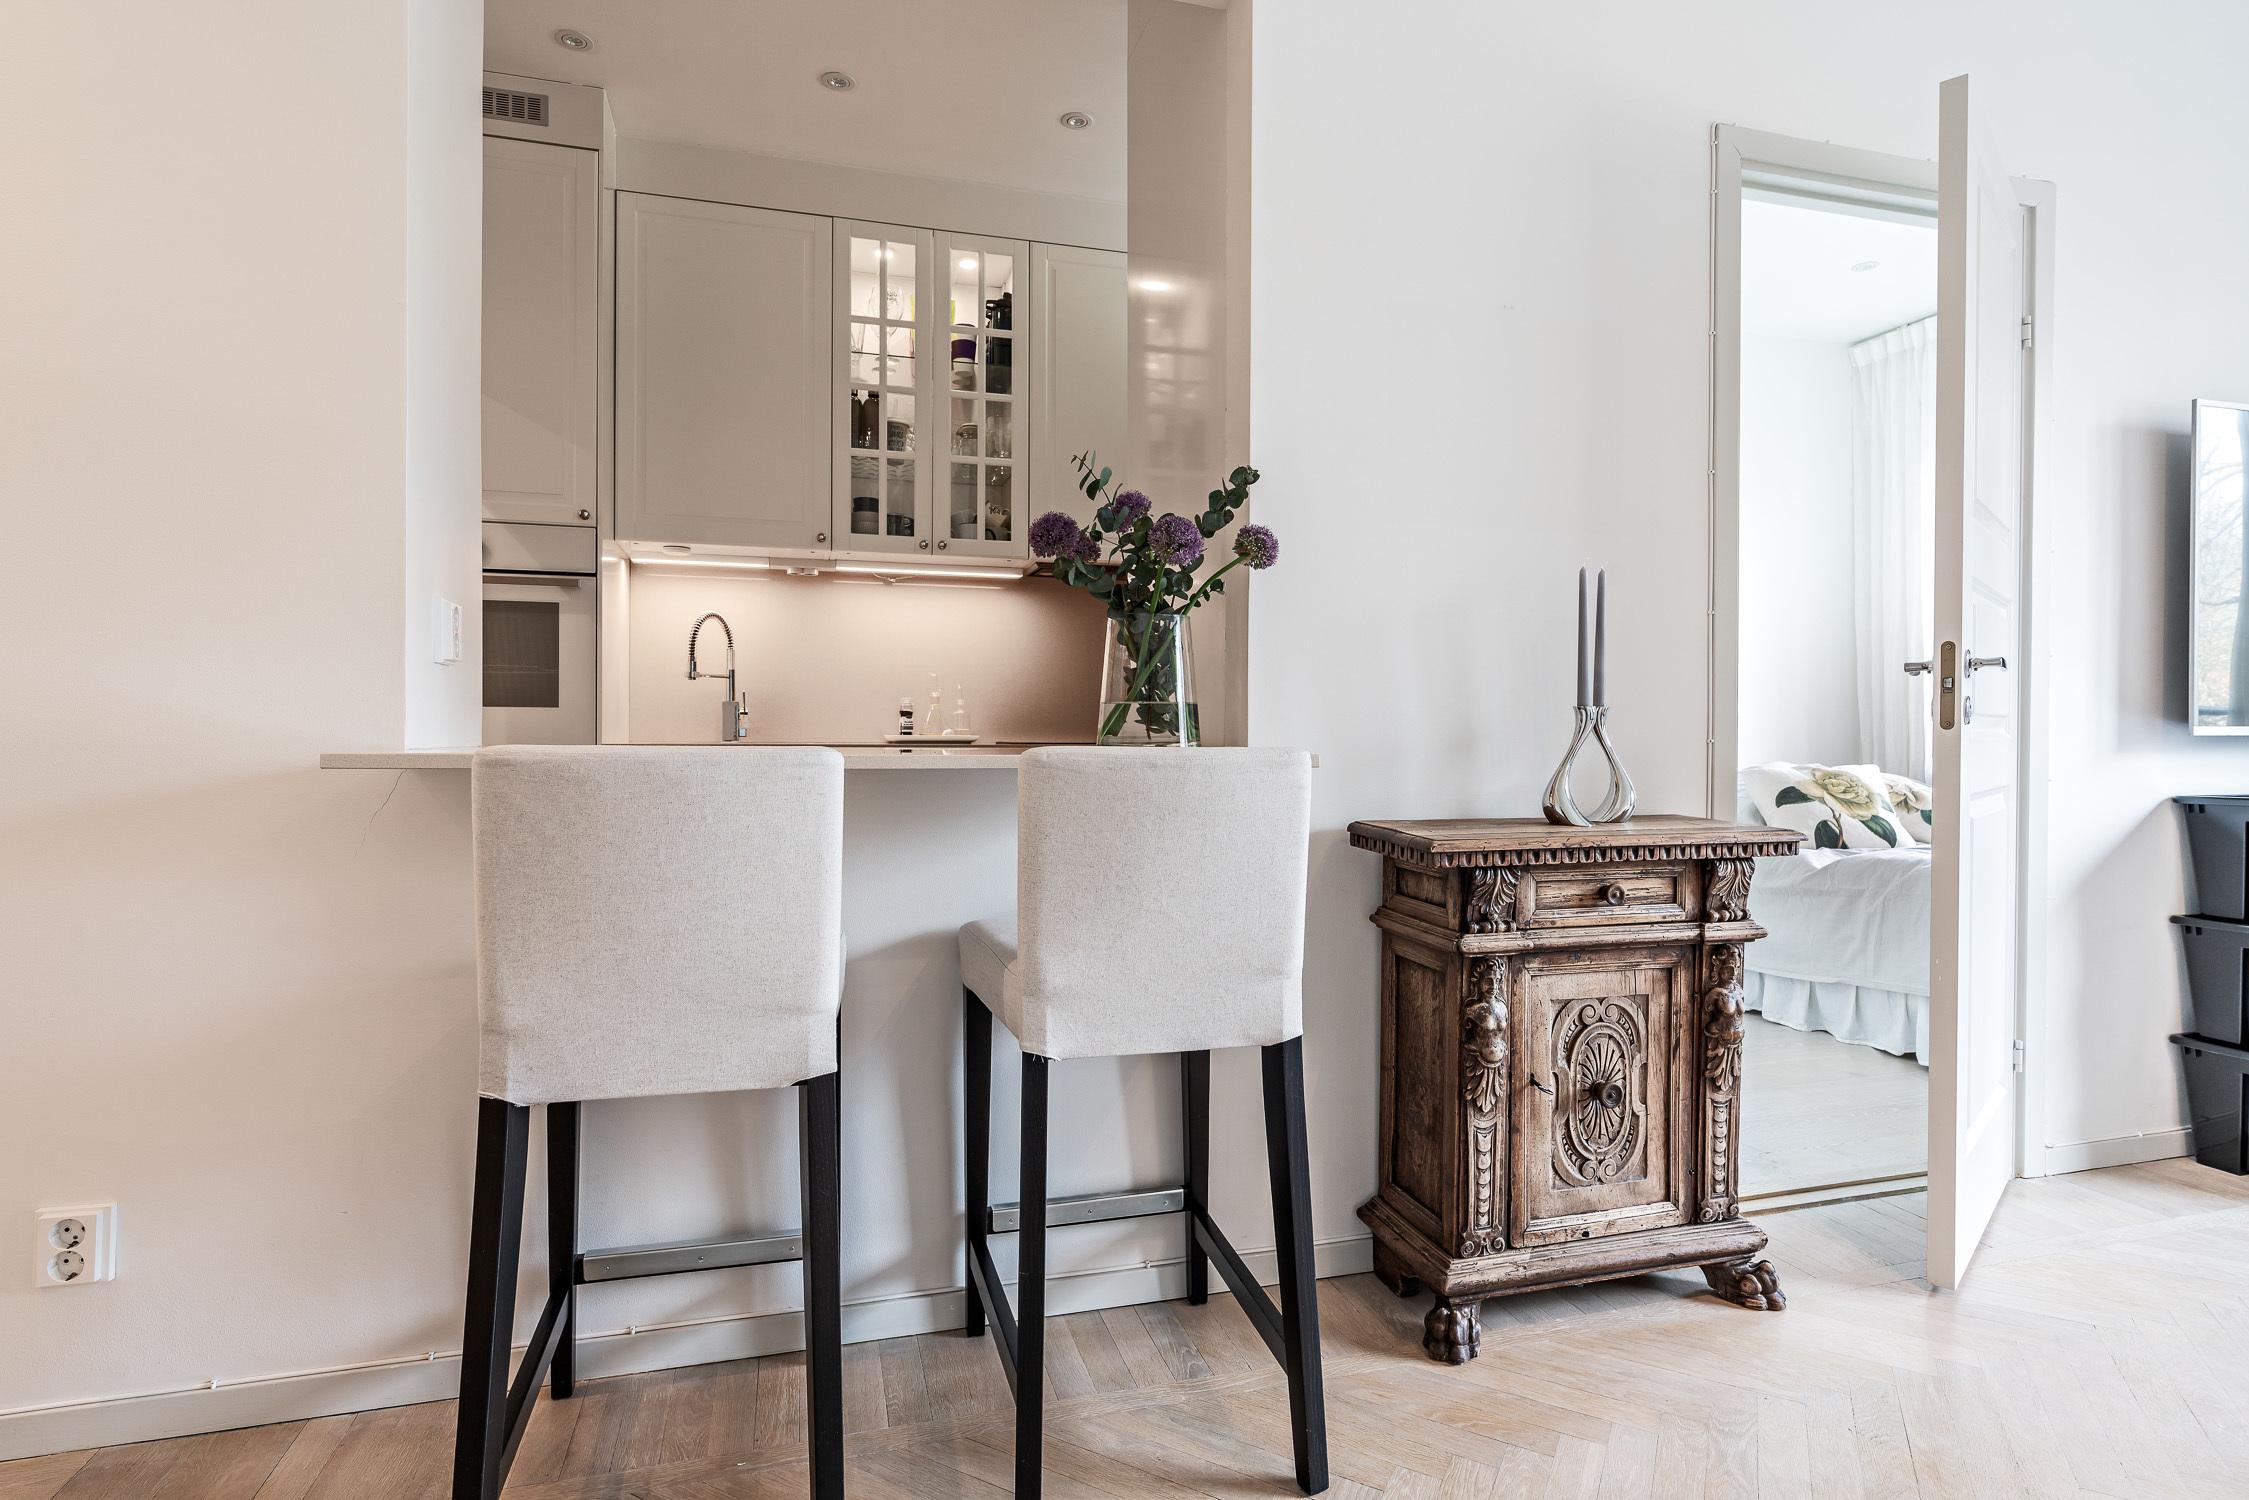 Öppet kök med bardel